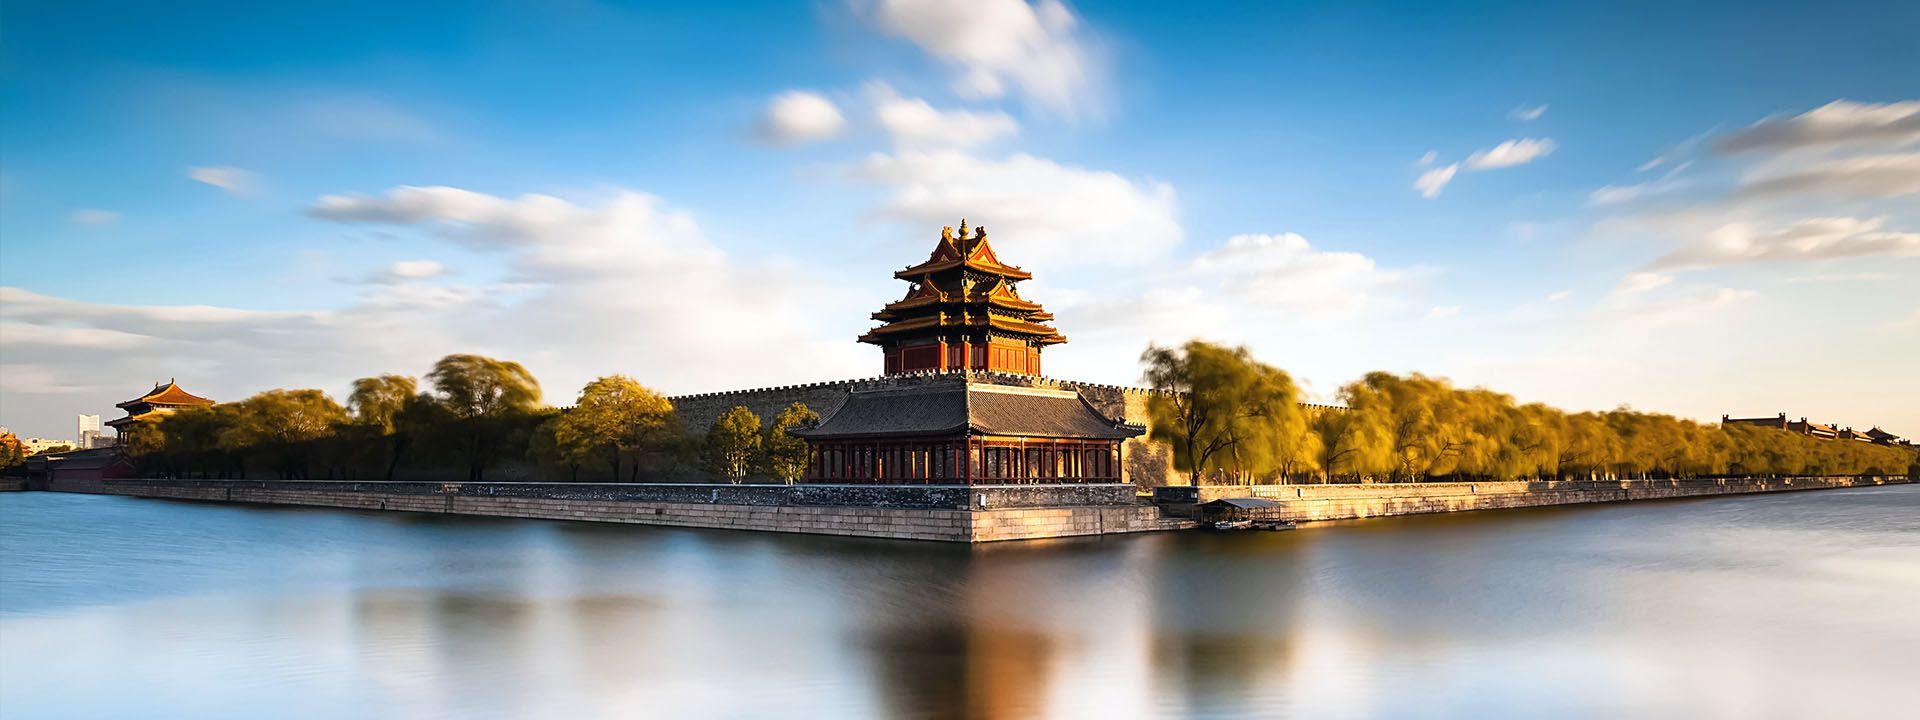 Forbidden-City-slide